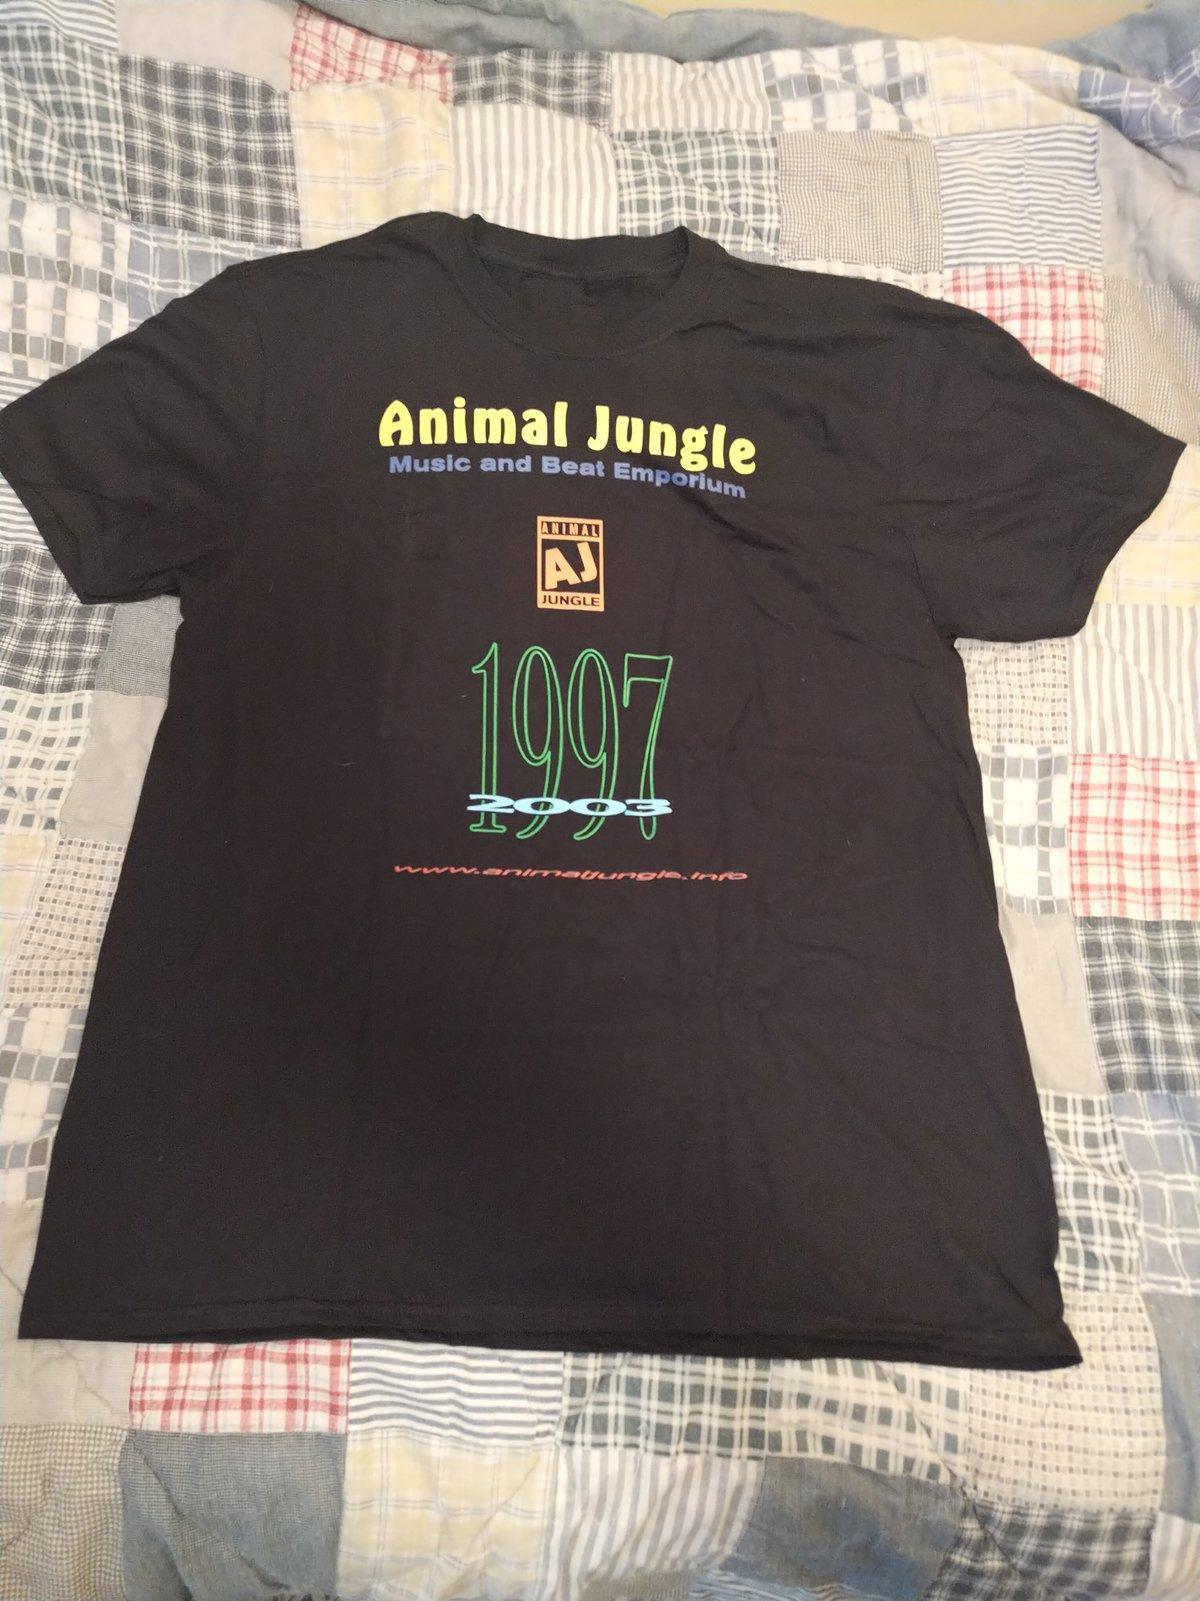 ANIMAL JUNGLE MUSIC AND BEAT EMPORIUM - T-SHIRT